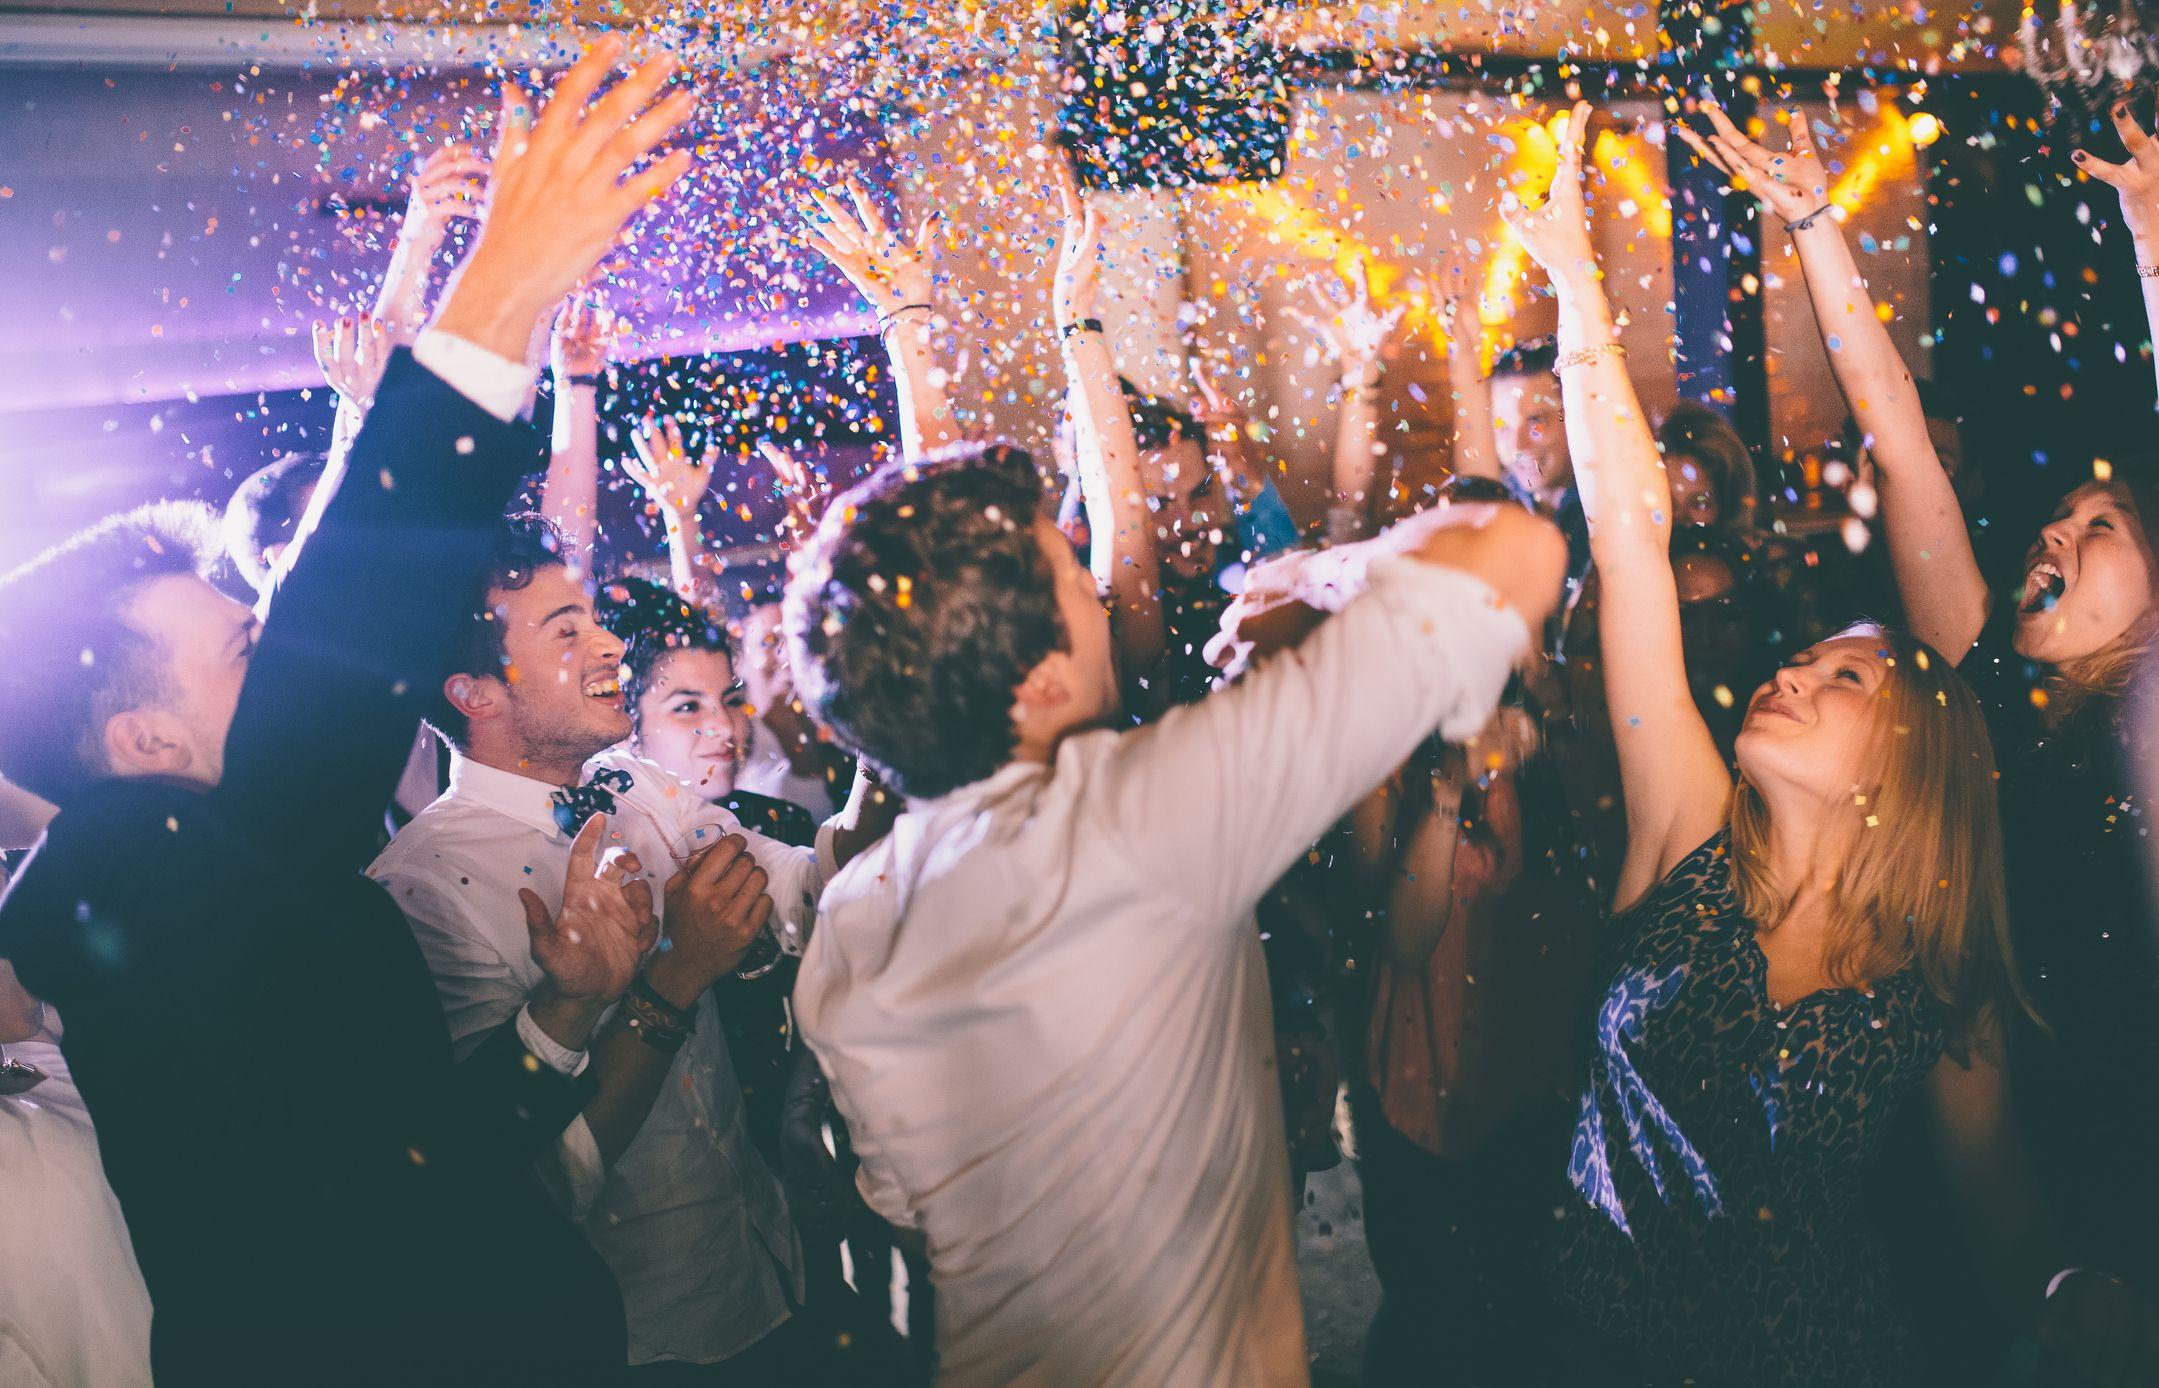 30 Best Wedding Songs Of 2019